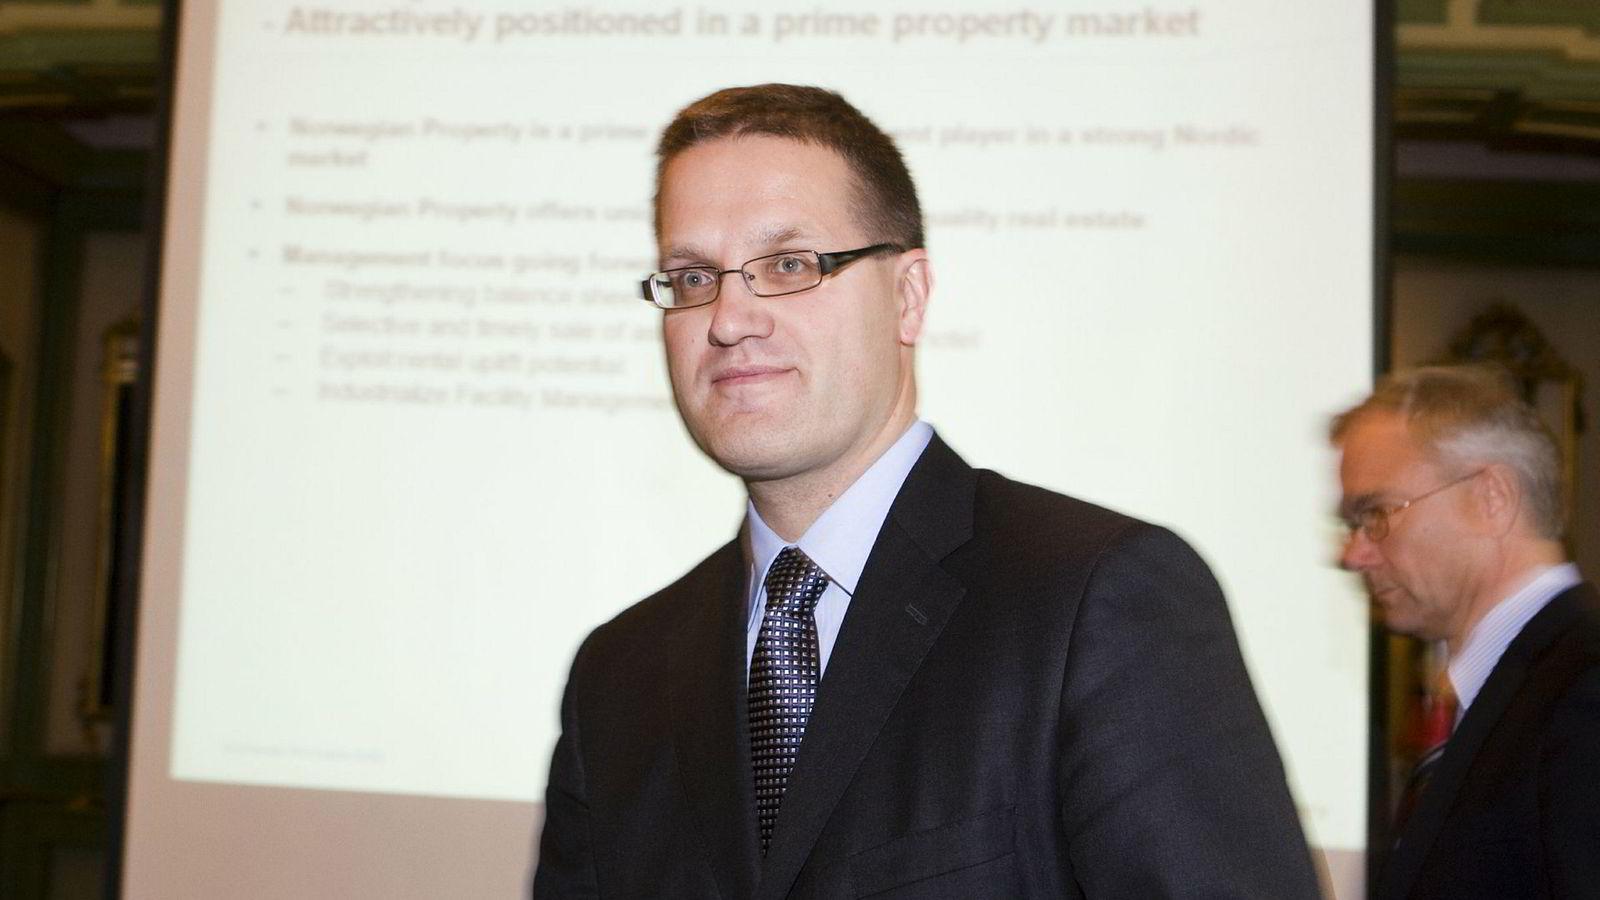 Toppsjef Svein Hov Skjelle i Betonmast Hæhre vurderer å anke nederlag i oppgjørstvist med Statens vegvesen og Bane NOR.